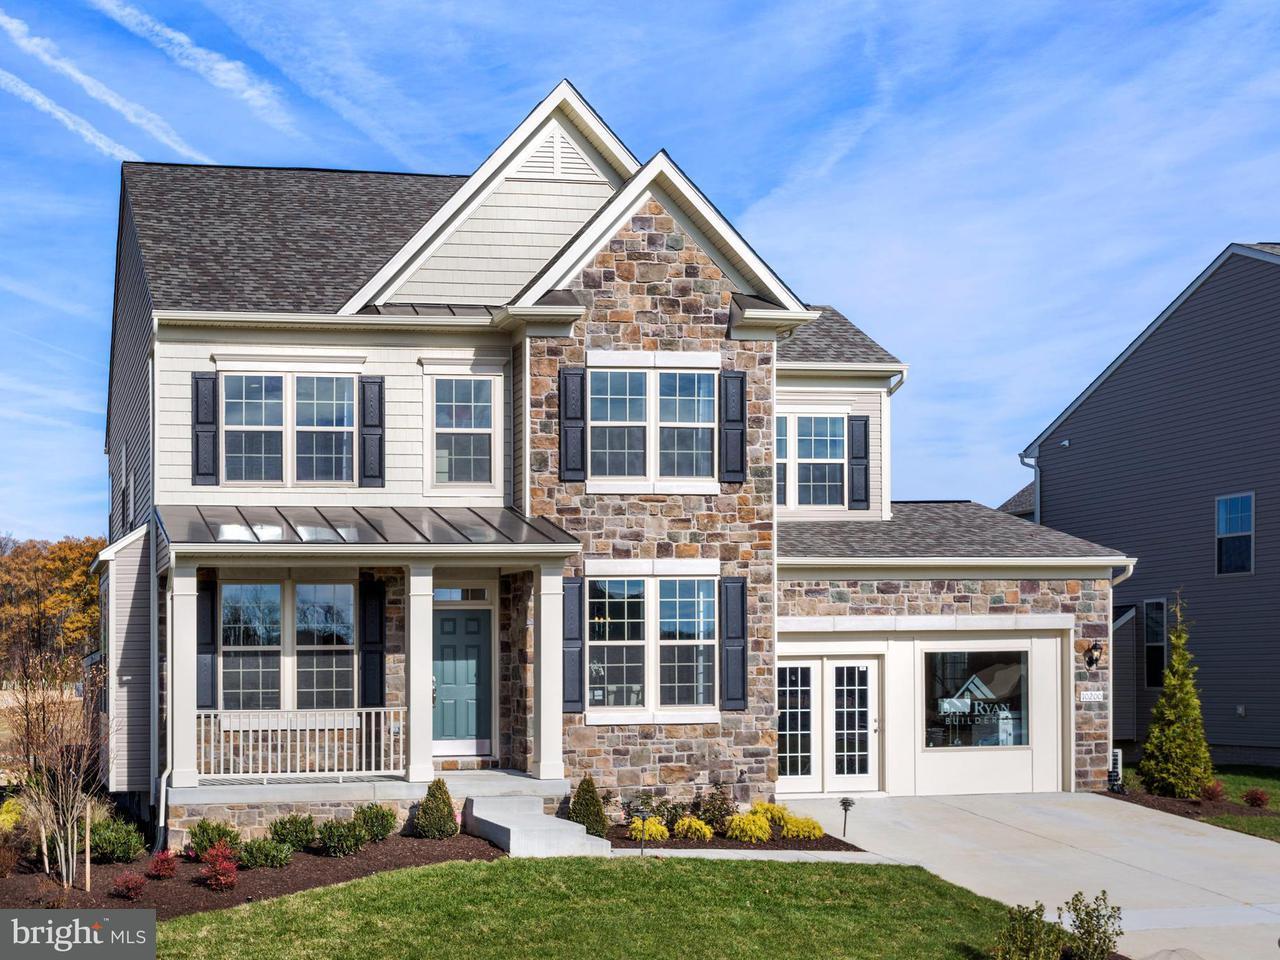 一戸建て のために 売買 アット 10200 Galaxy View Lane 10200 Galaxy View Lane Lanham, メリーランド 20706 アメリカ合衆国